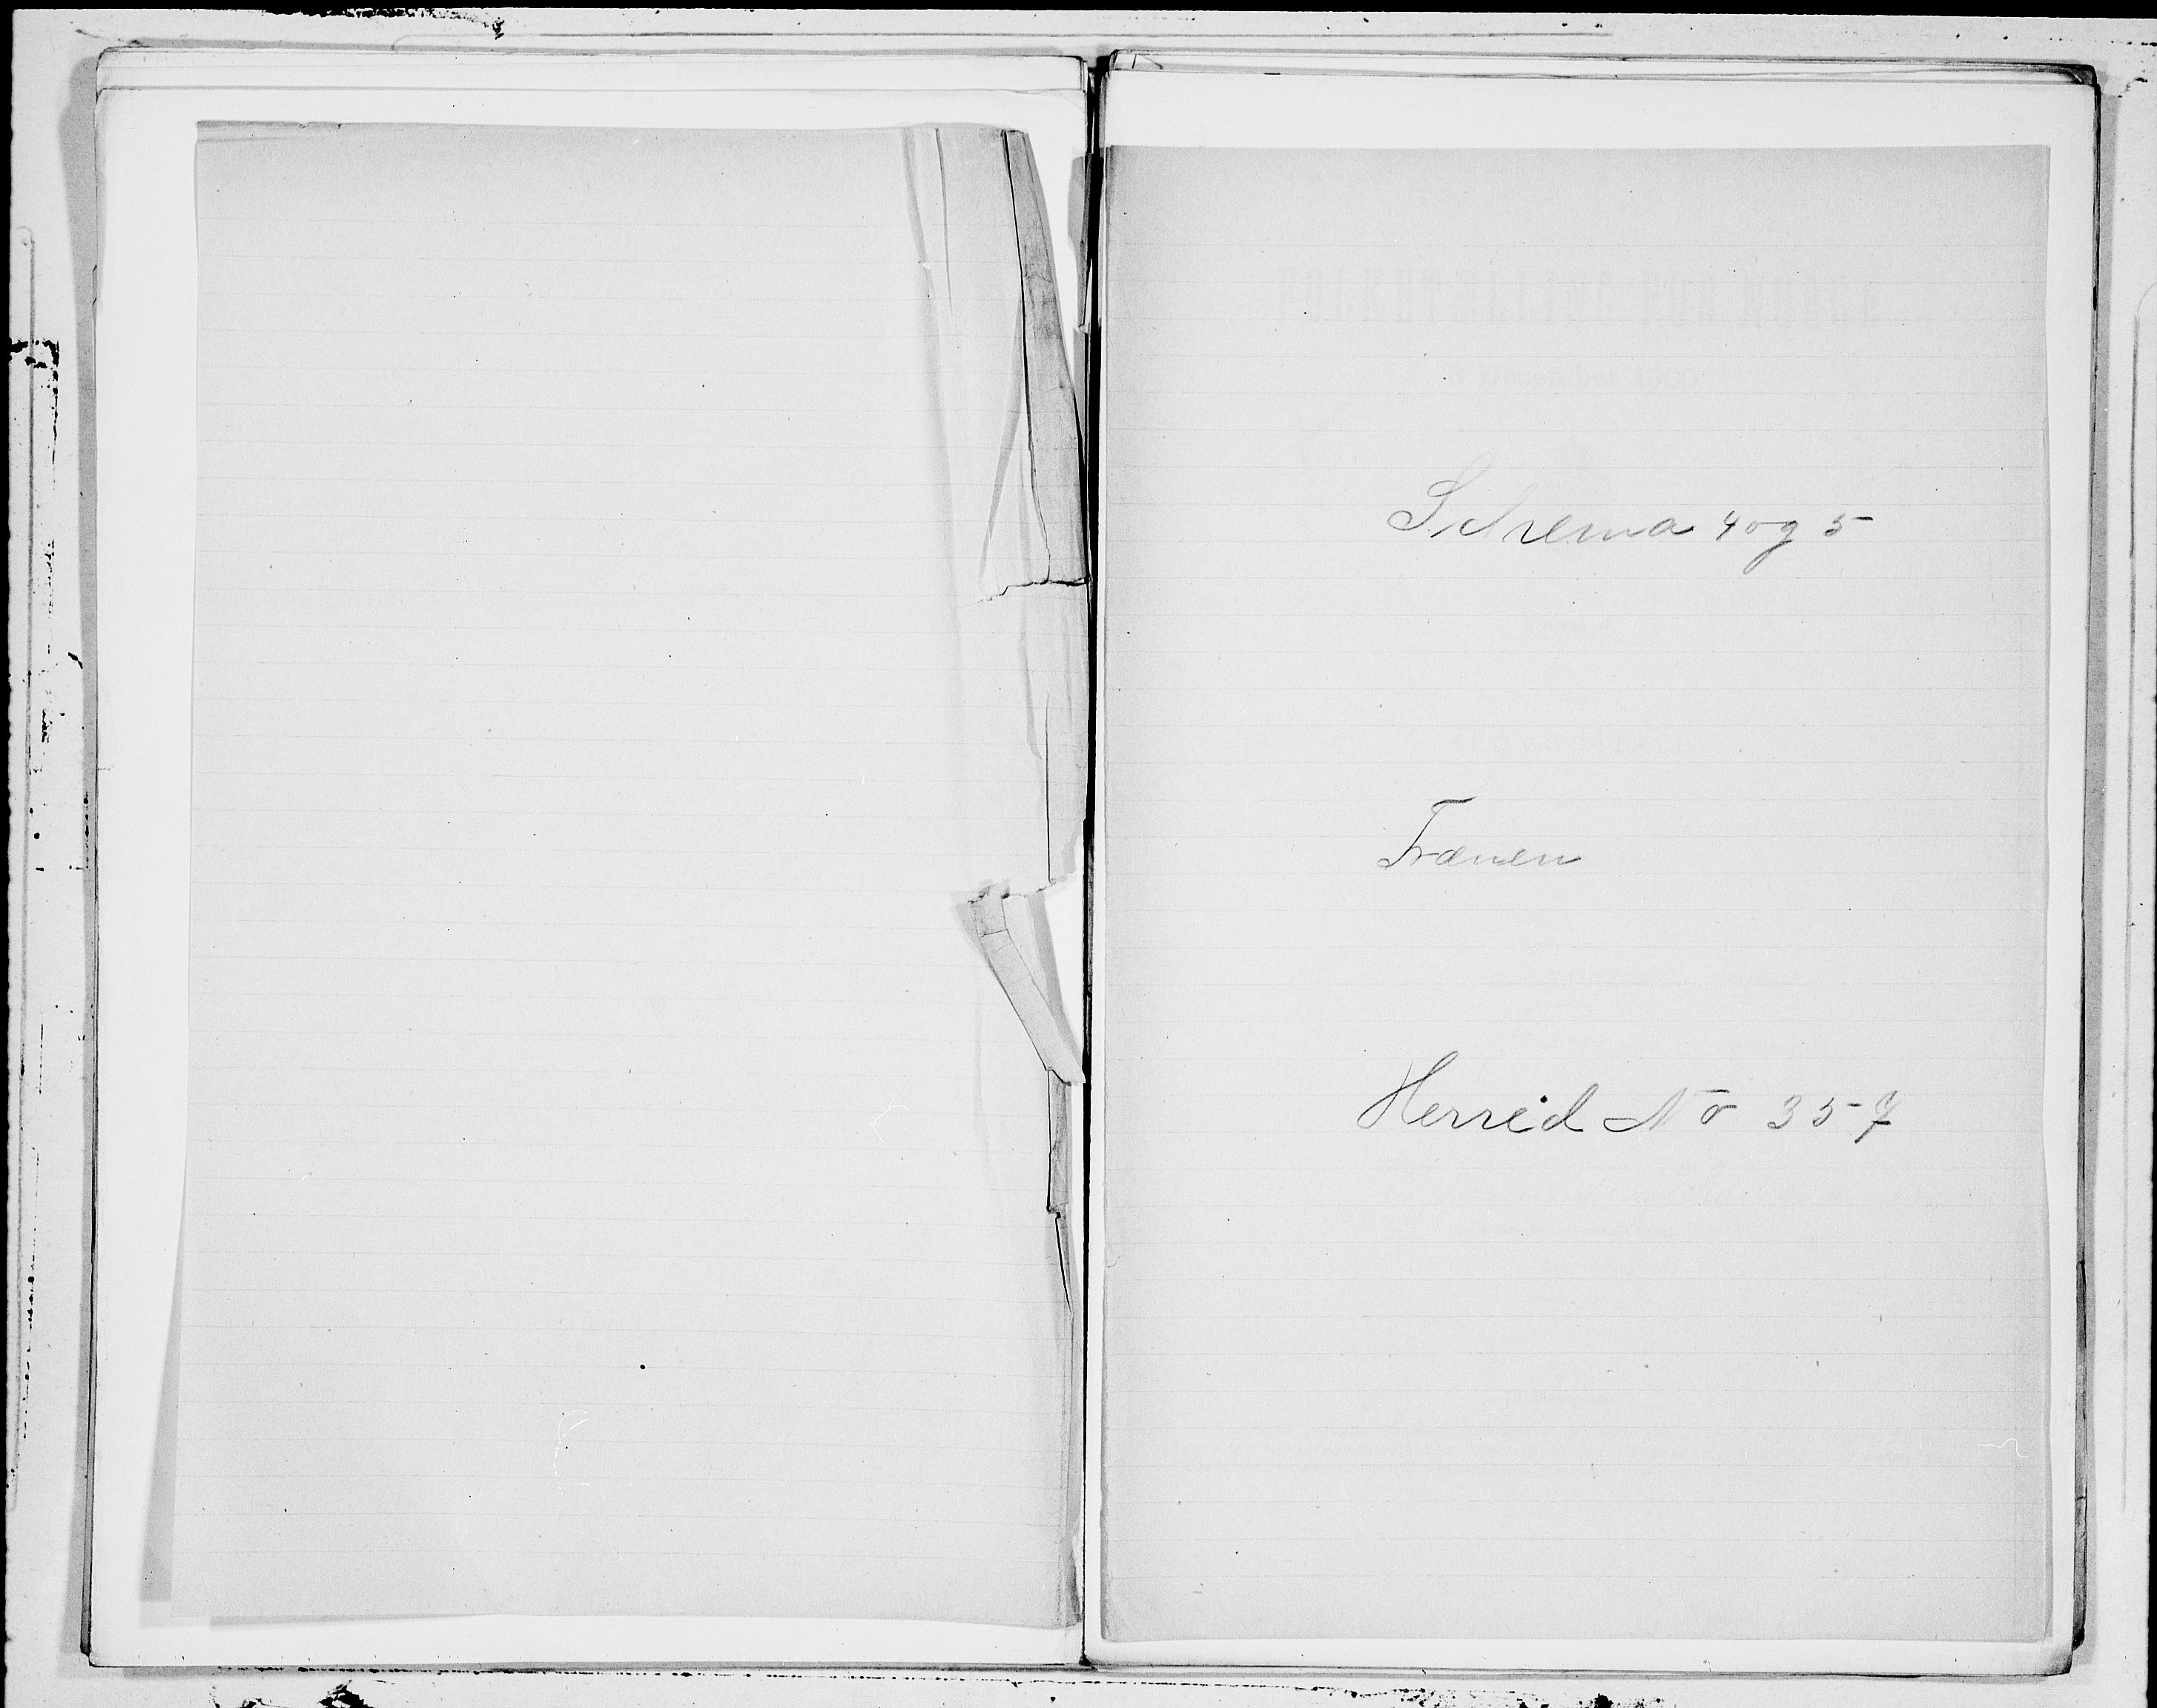 SAT, 1900 census for Fræna, 1900, p. 1